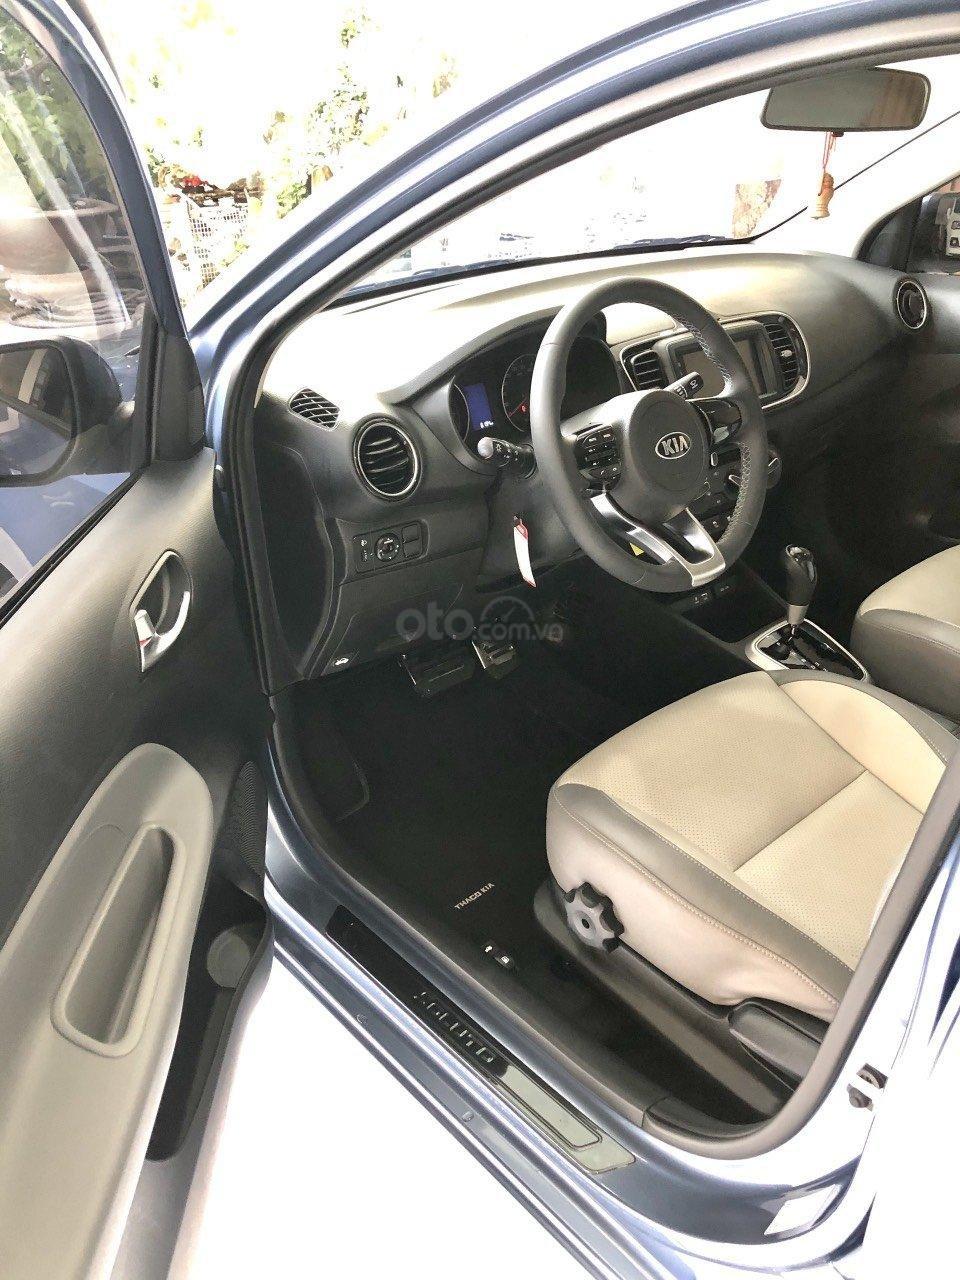 Kia Soluto cuối 2019 số tự động, bản Duluxe, chỉ 396tr cho 1 chiếc xe Hàn mới ra mắt nhiều option và cực kì tiết kiệm (6)